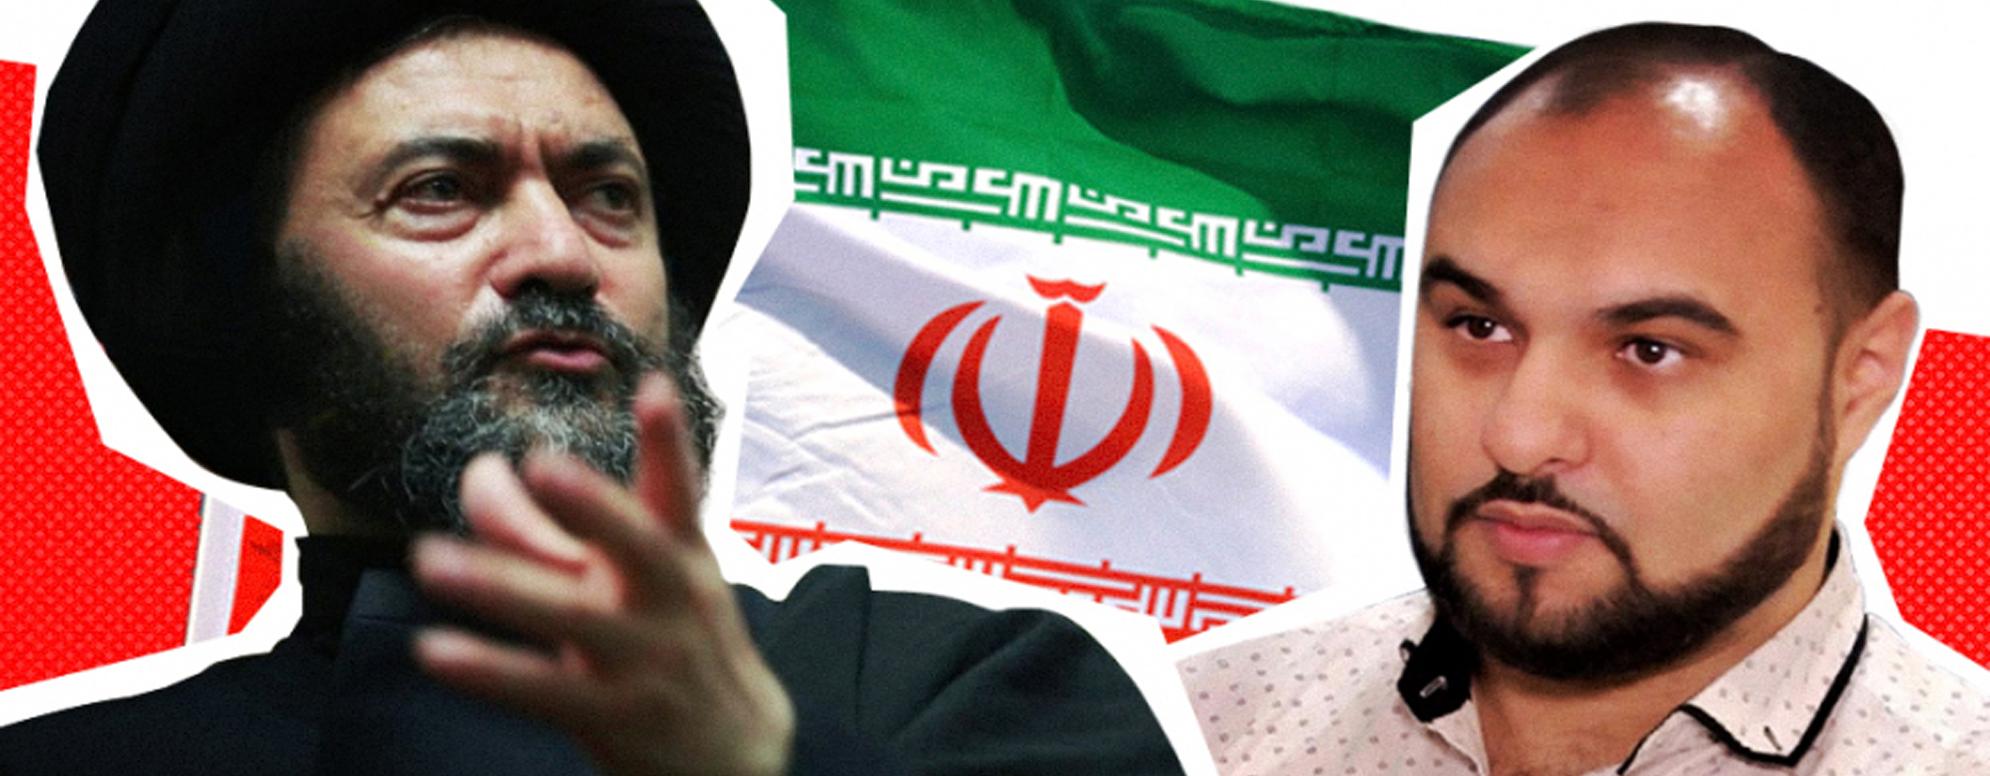 Представитель верховного лидера Ирана: Россия разрушила коварные планы в Карабахе